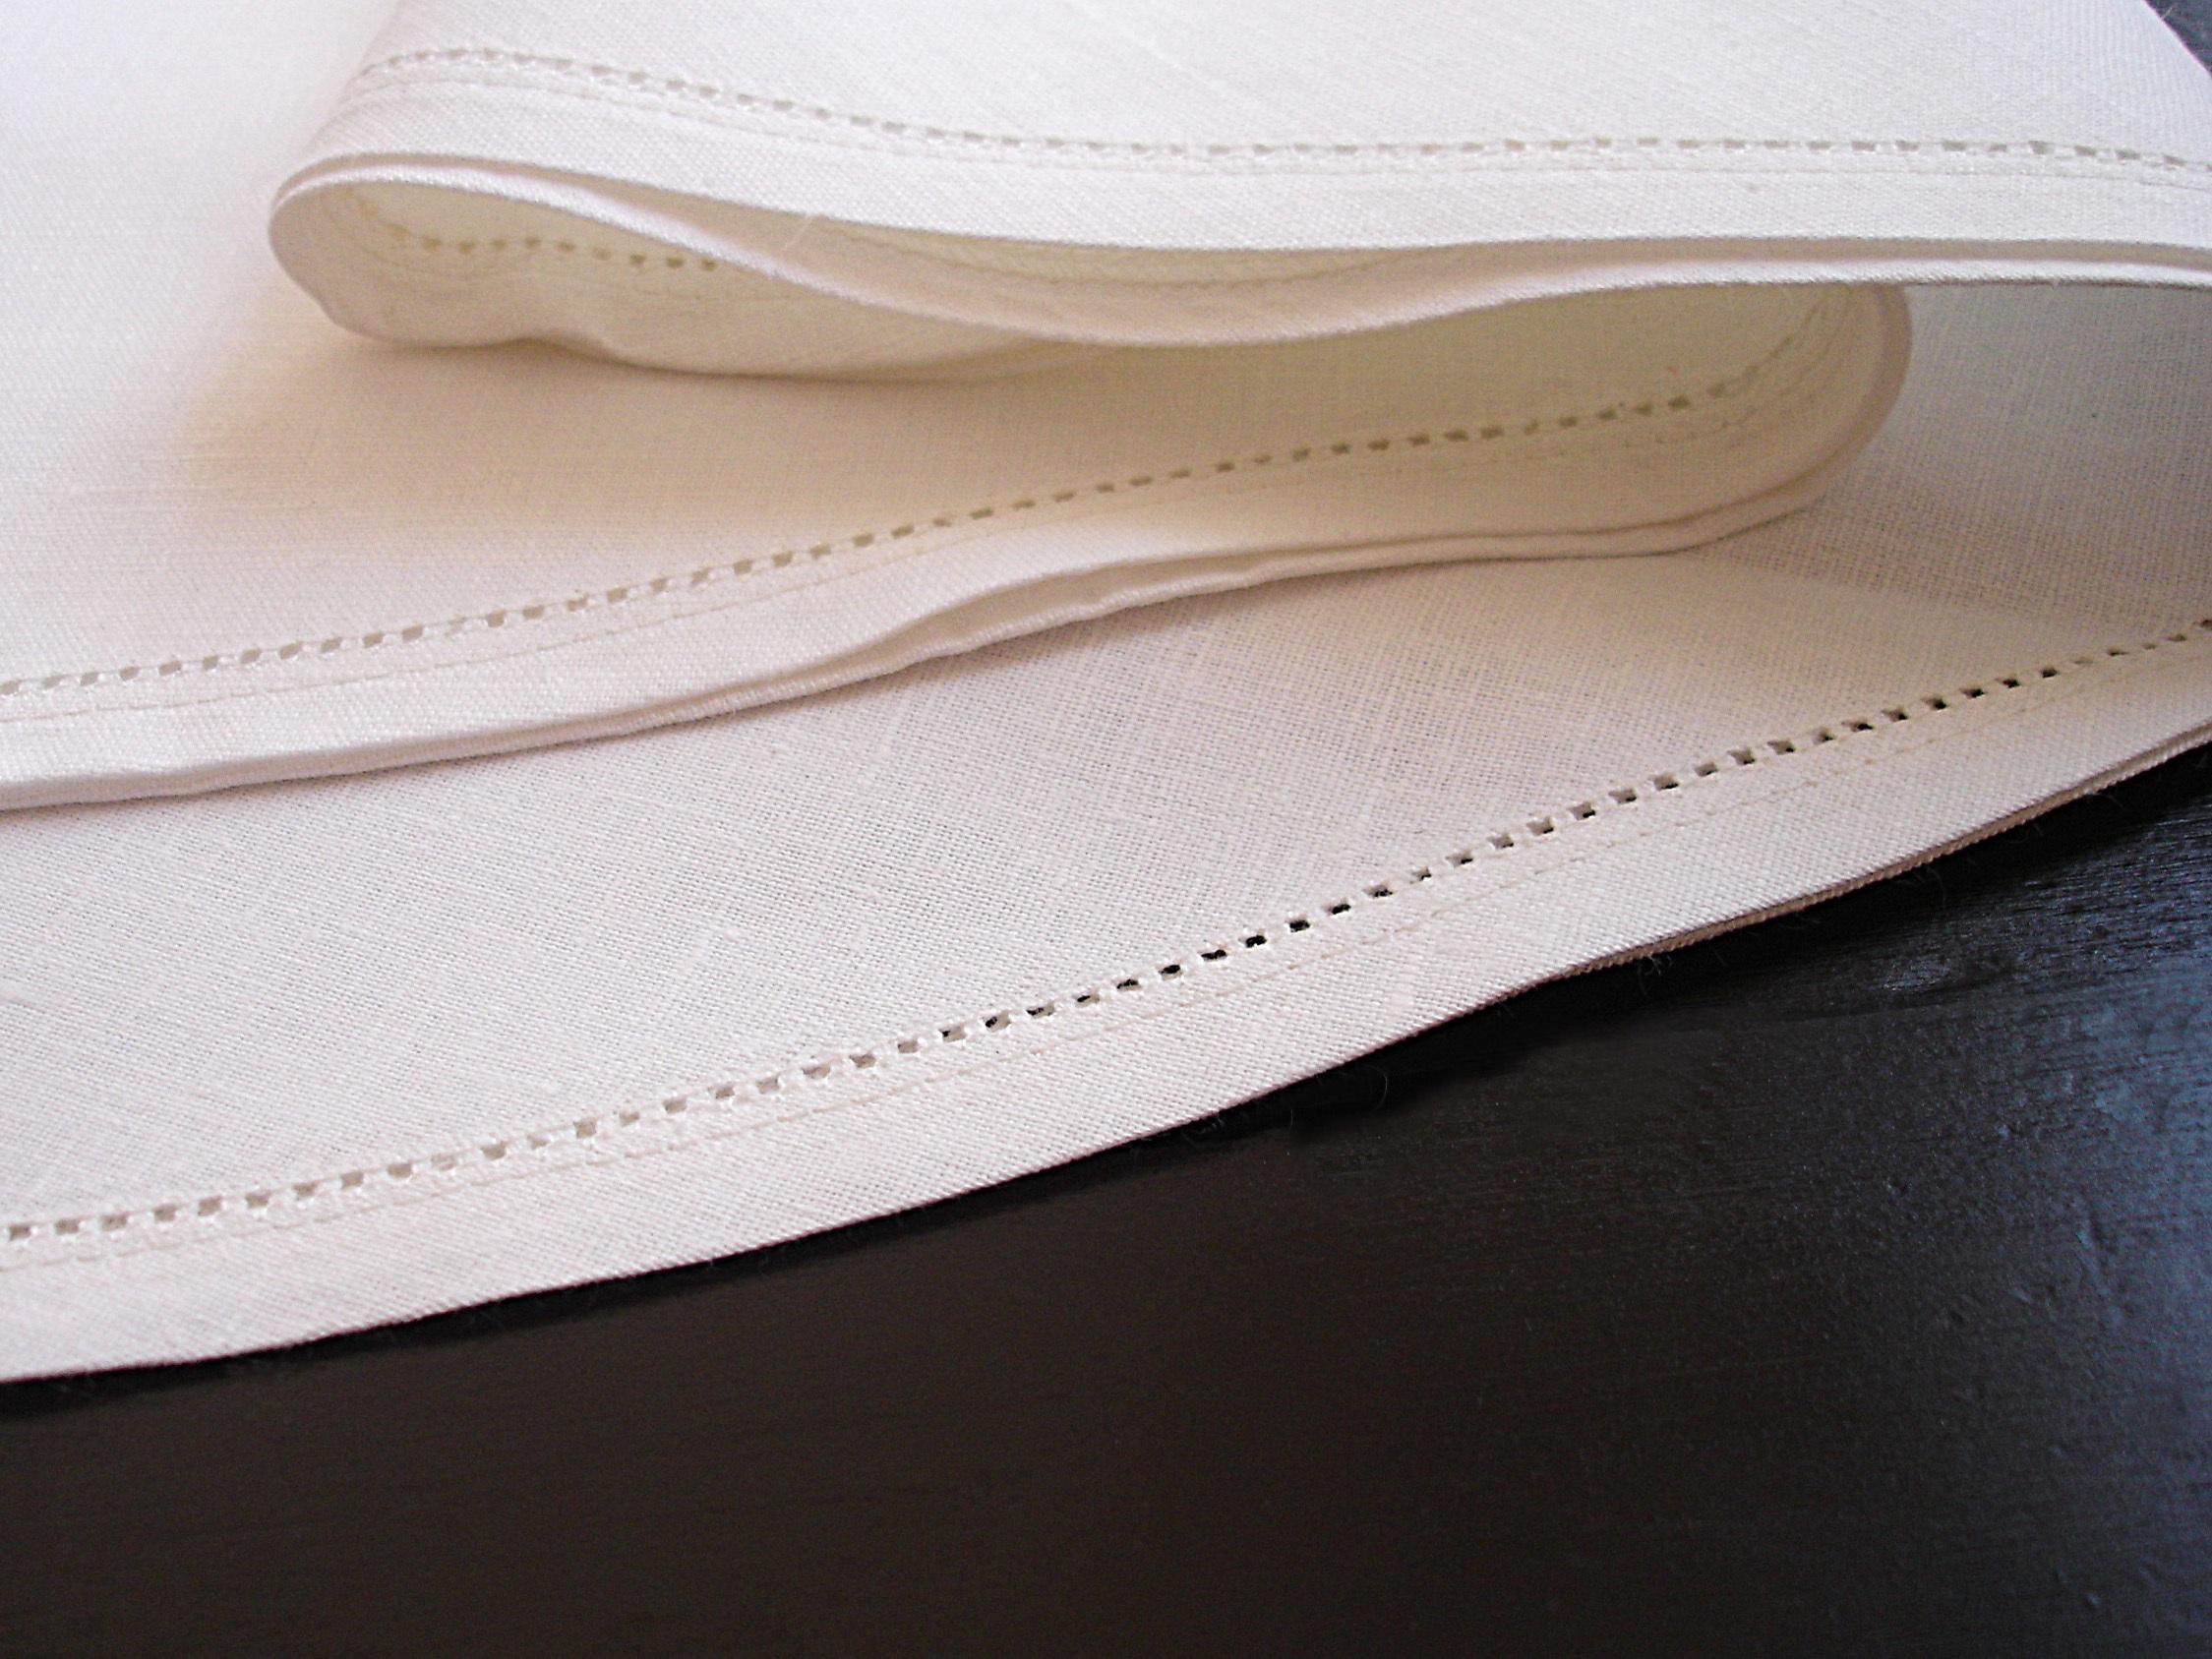 leinen tischdecken rund 150 rund mit hohlsaum tischdecken shop libusch. Black Bedroom Furniture Sets. Home Design Ideas